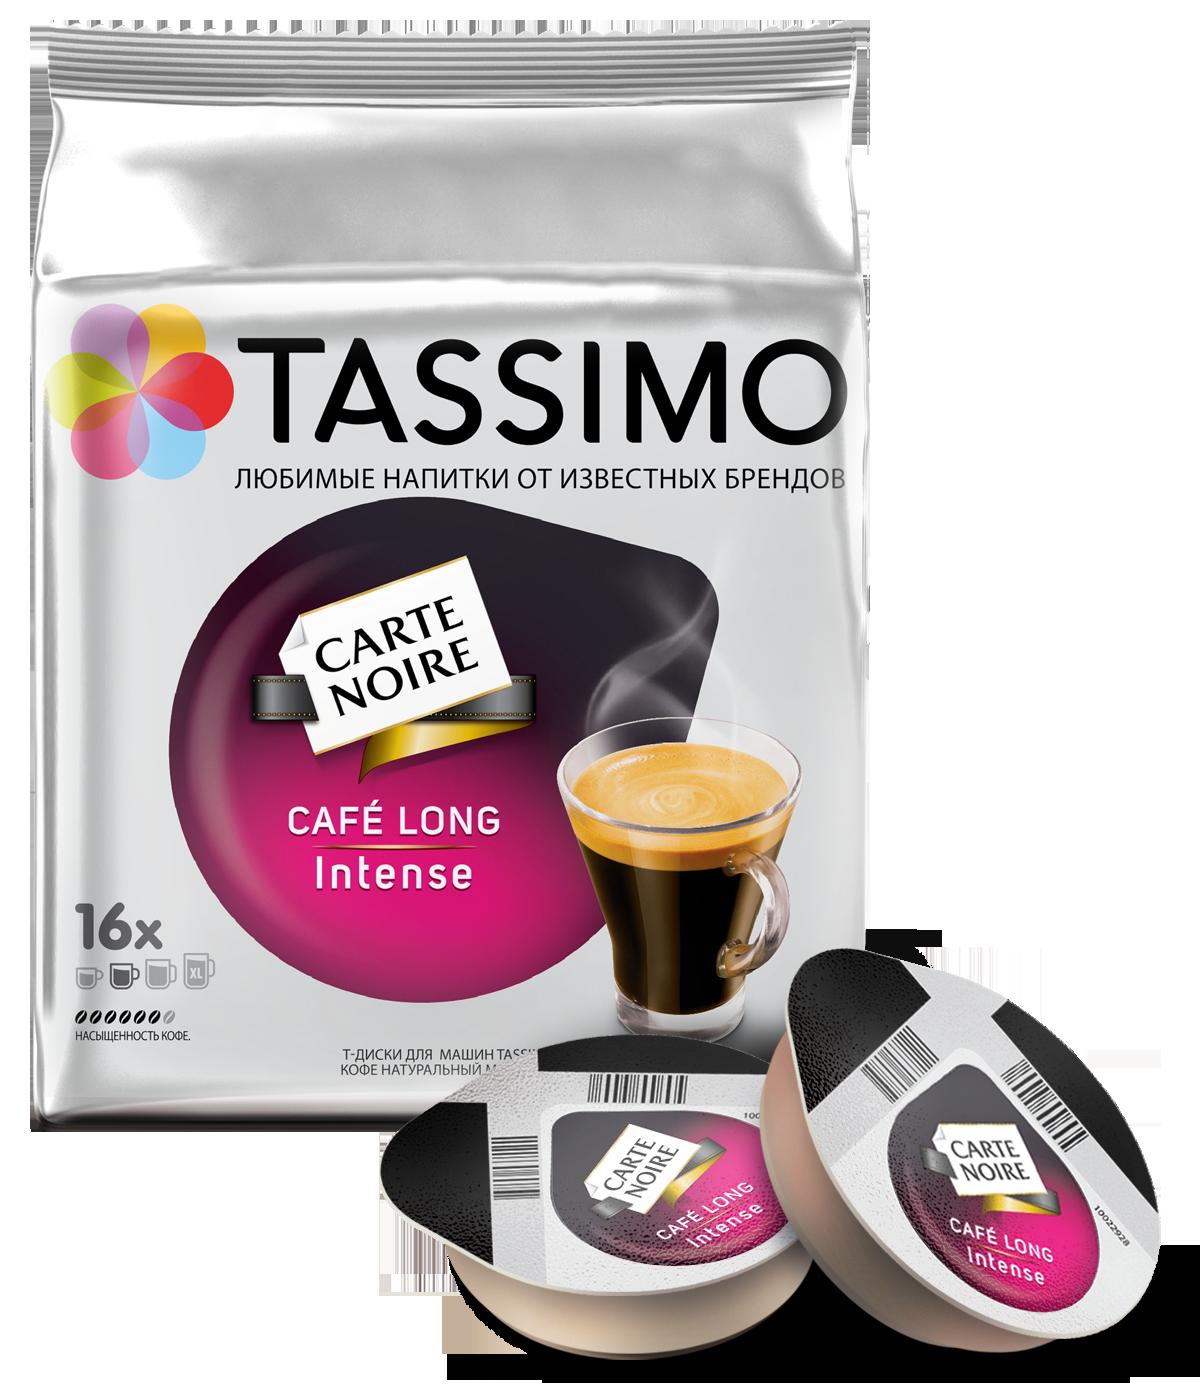 Кофе в капсулах Tassimo Carte Noire Cafe Long Intense 16 порций